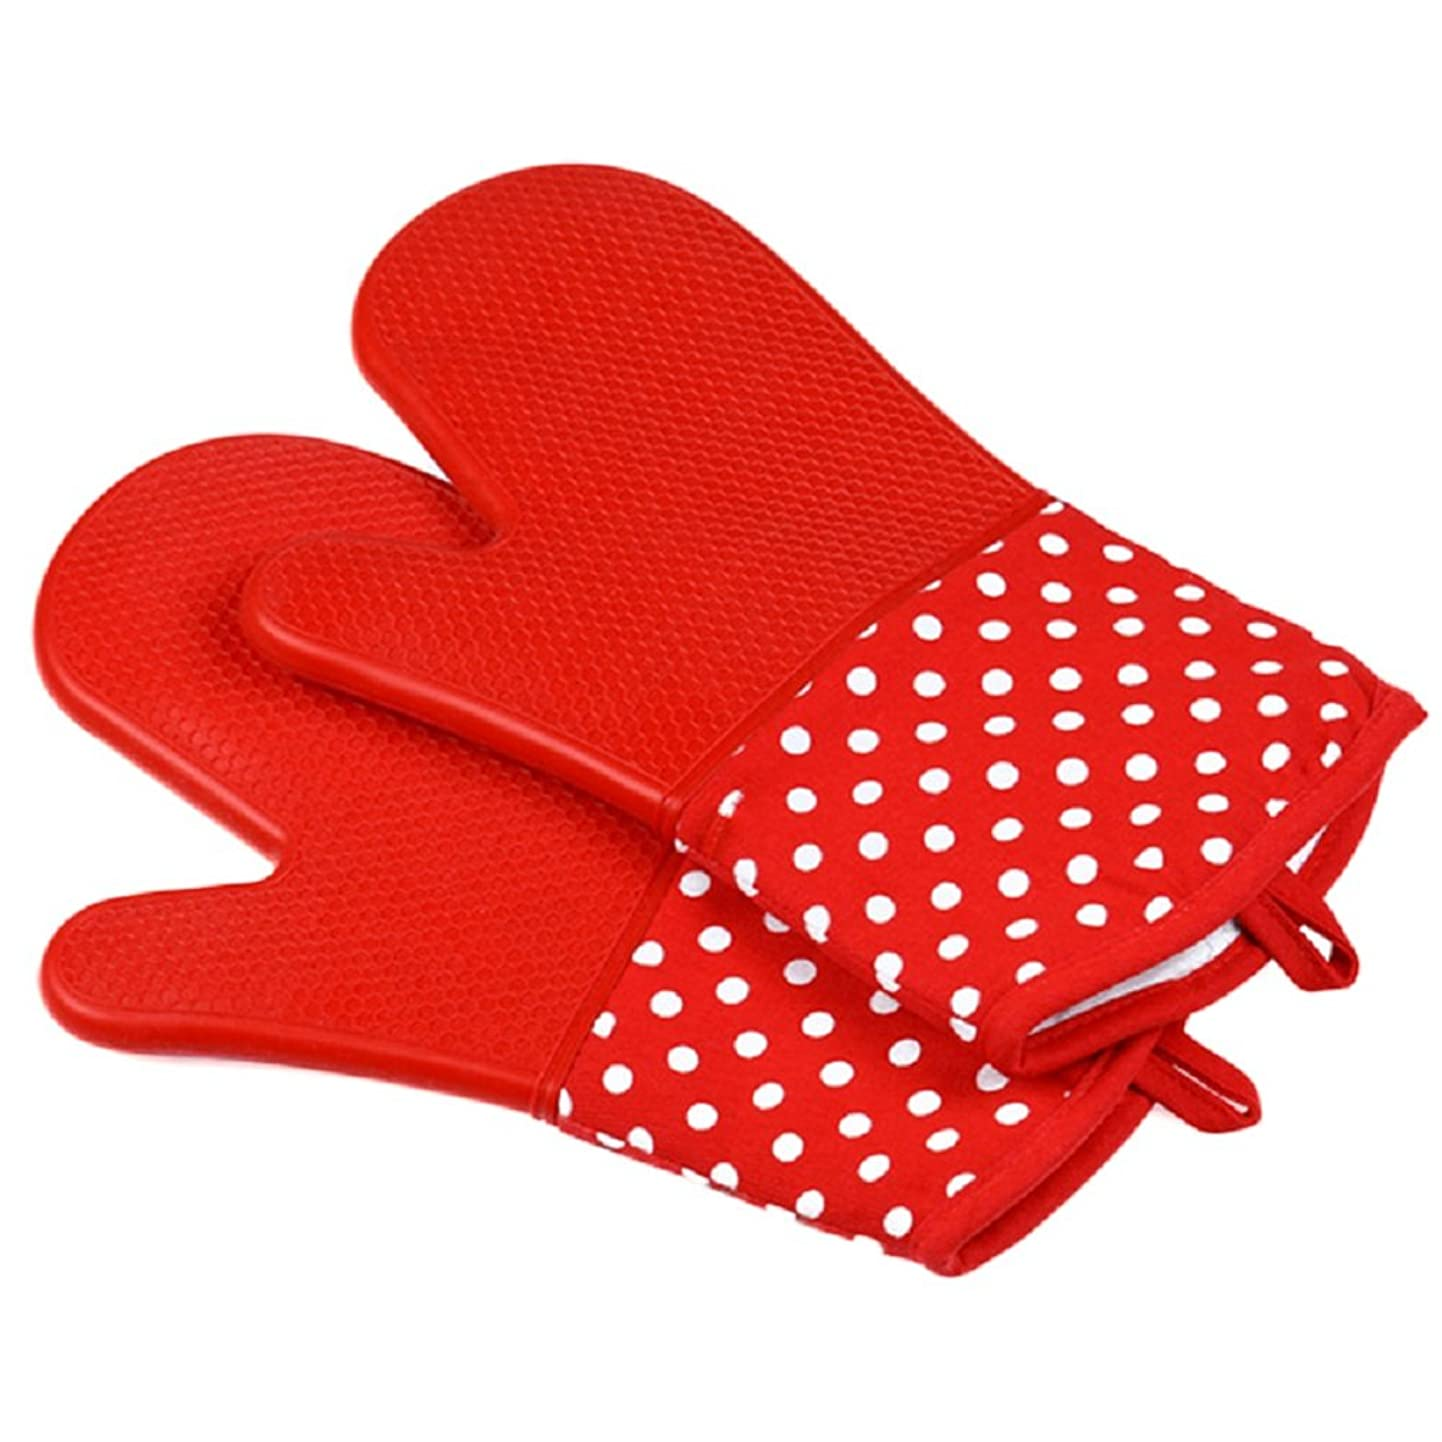 摂氏ラケット申し立てられたOUYOU 耐熱グローブ シリコンチェック 耐熱温度300℃ キッチングローブ オーブンミトン シリコン手袋 滑り止め クッキング用 フリーサイズ 2個セット